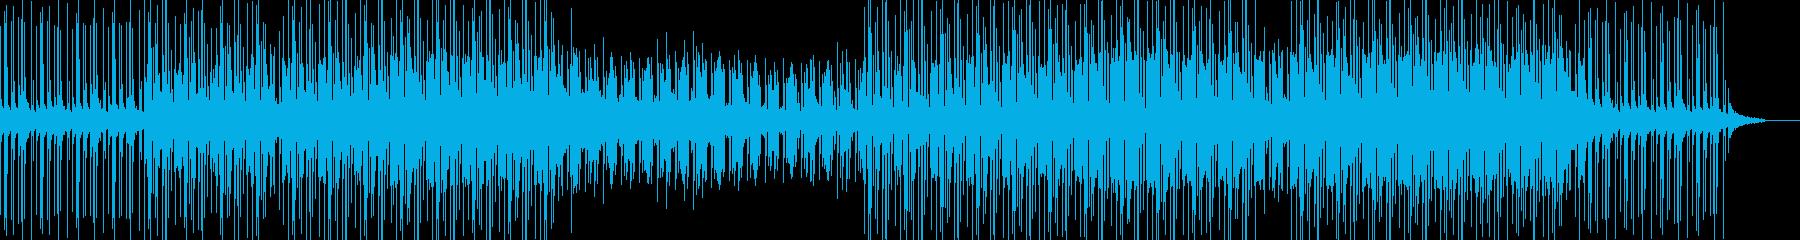 ダークで独特な世界観のメロディーの再生済みの波形